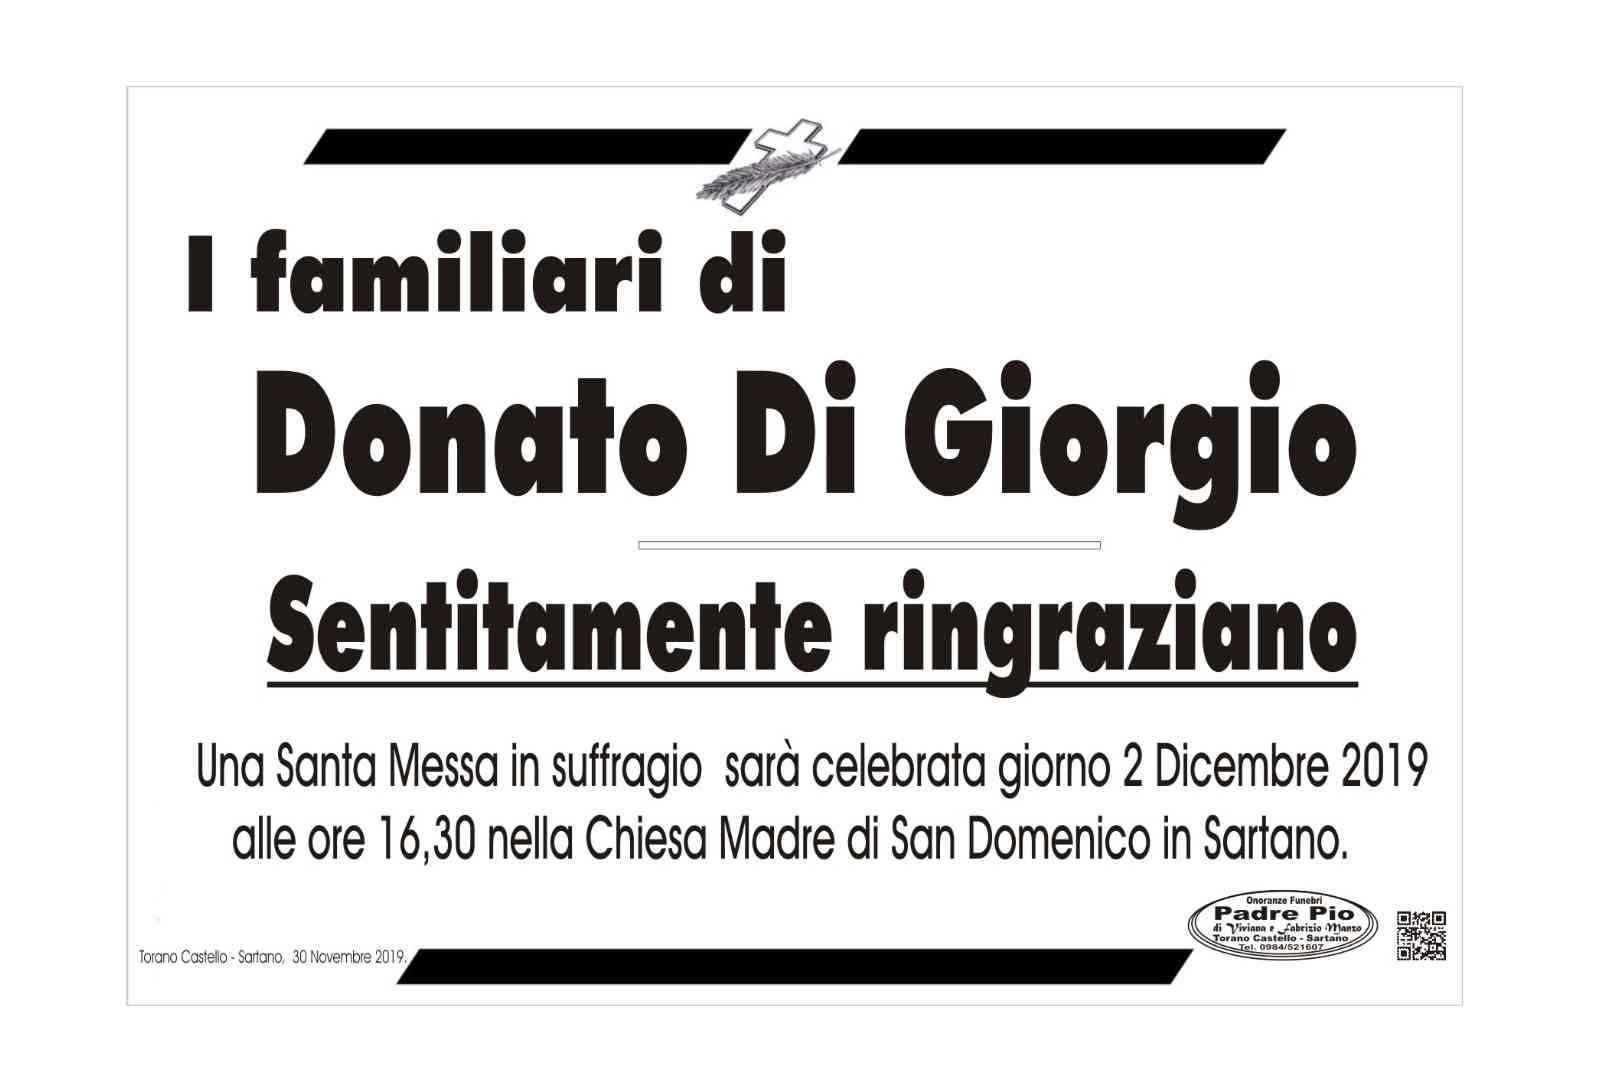 I familiari di Donato Di Giorgio